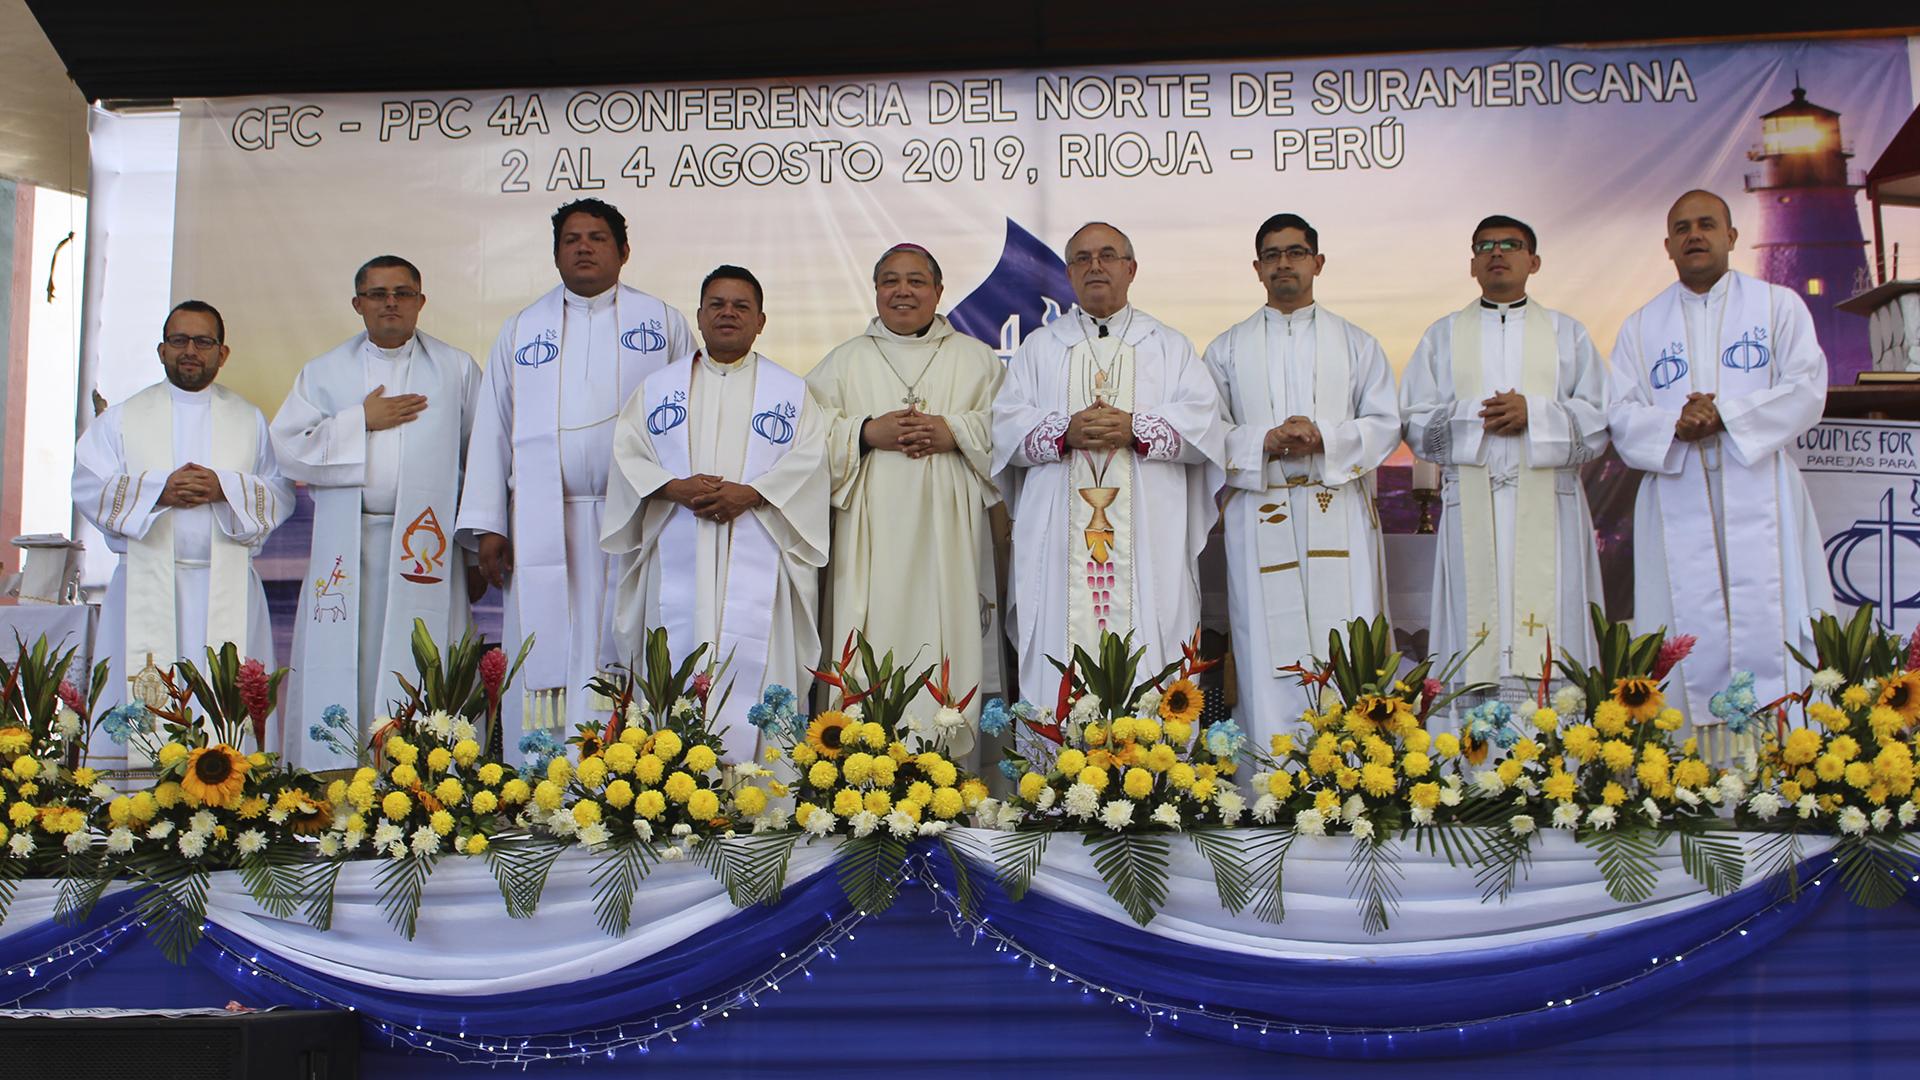 [San Gabriel Informa] IV Conferencia Sudamericana de Parejas para Cristo – Rioja